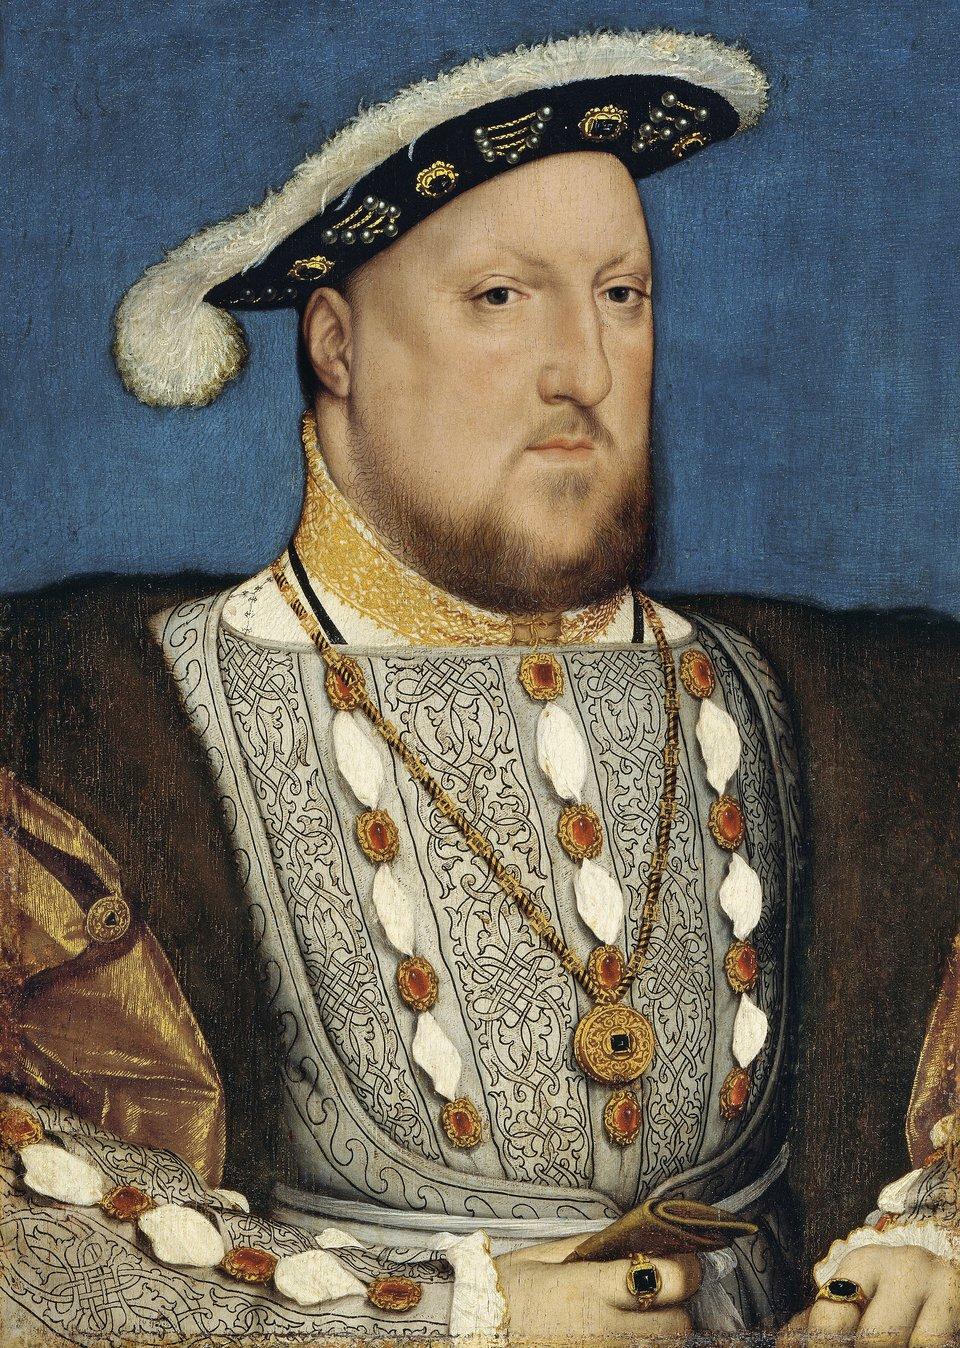 Henryk VIII Tudor Źródło: Hans Holbein, Henryk VIII Tudor, ok. 1537, olej na desce, Muzeum Thyssen-Bornemisza, domena publiczna.